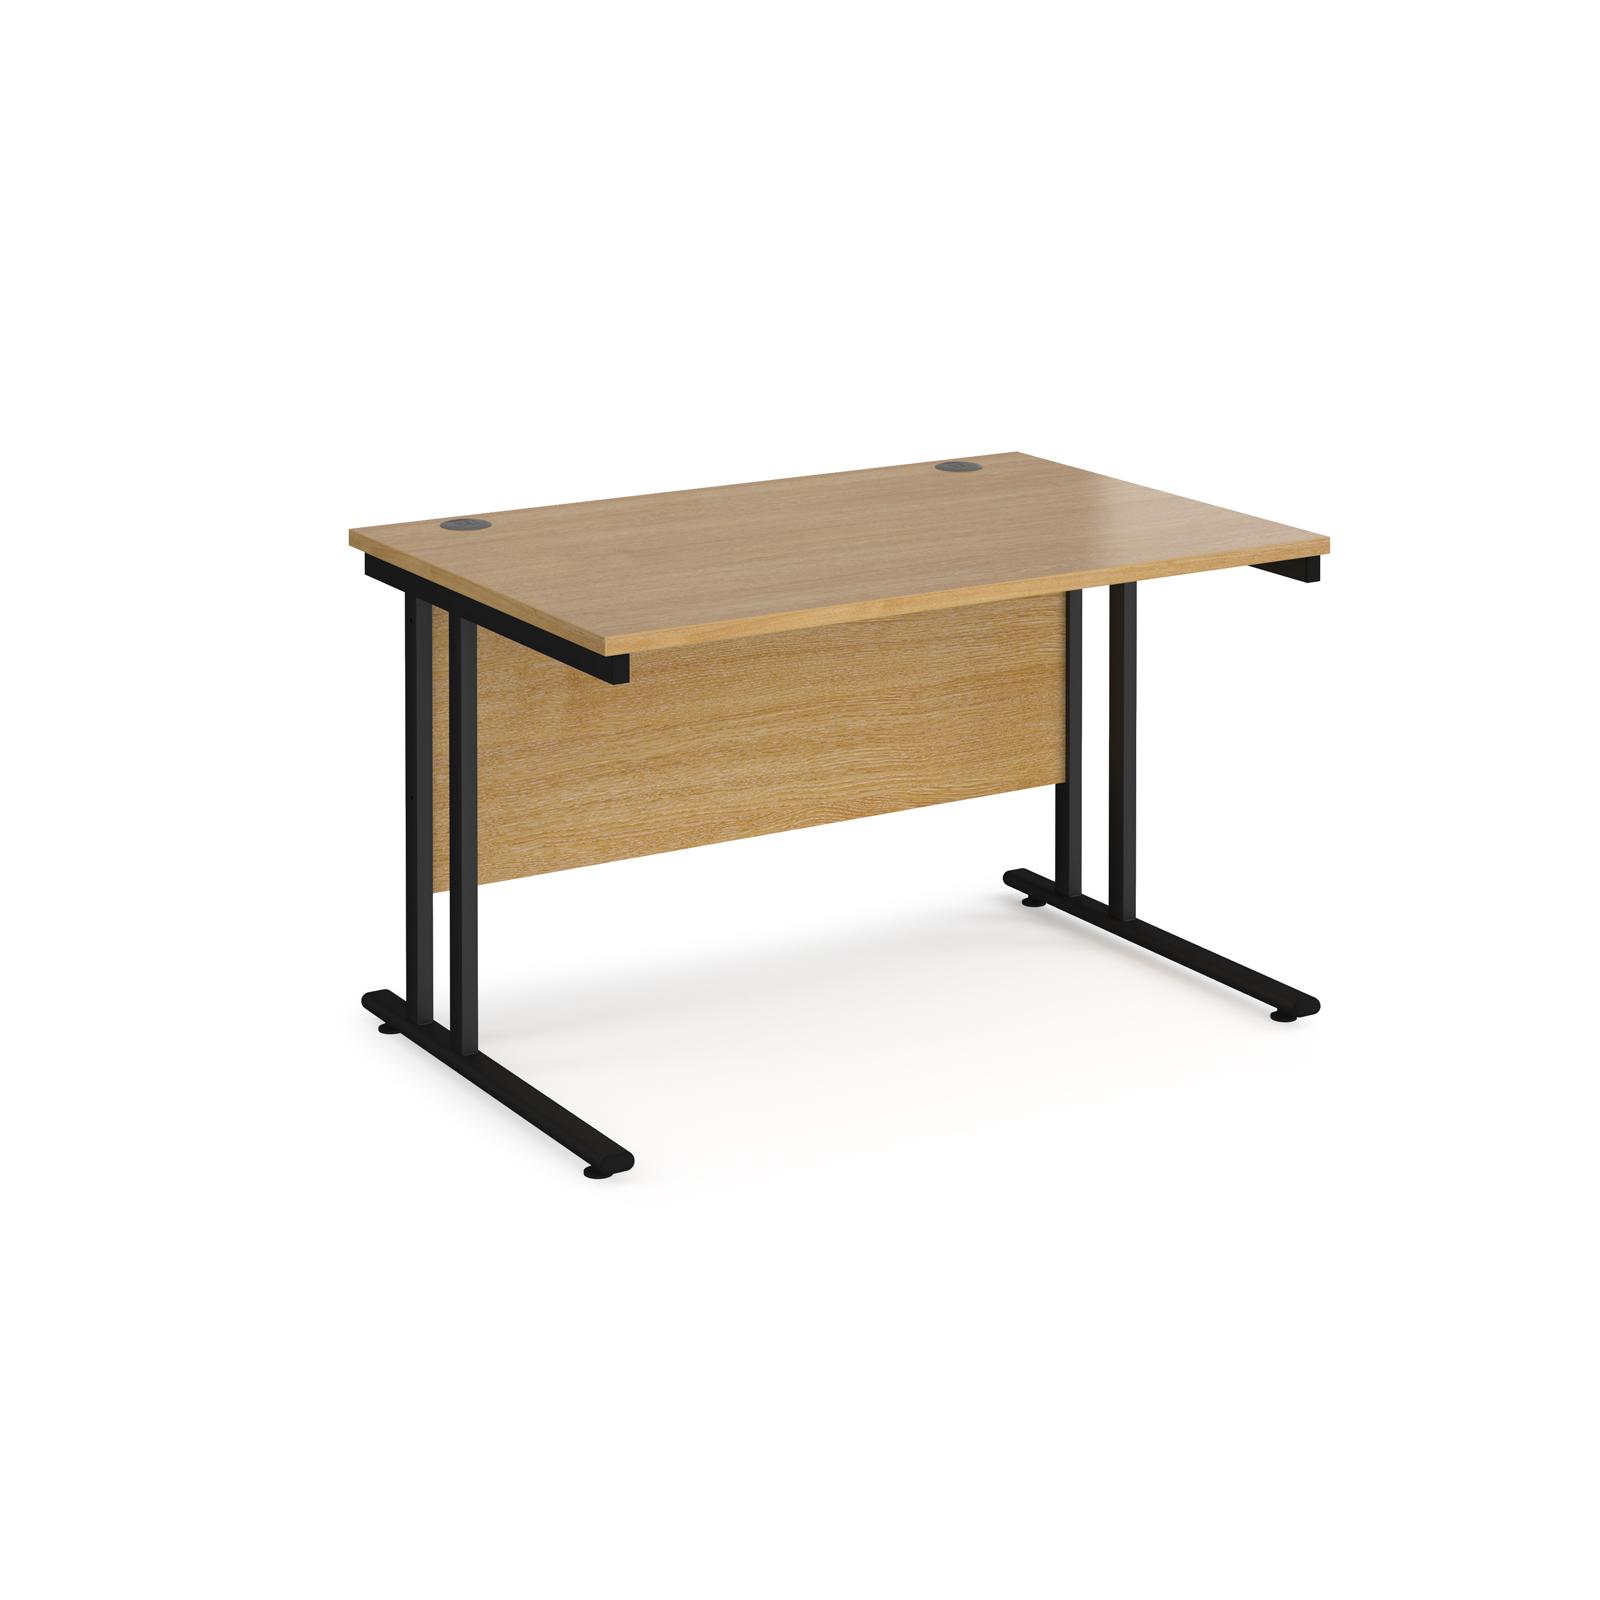 Rectangular Desks Maestro 25 straight desk 1200mm x 800mm - black cantilever leg frame, oak top